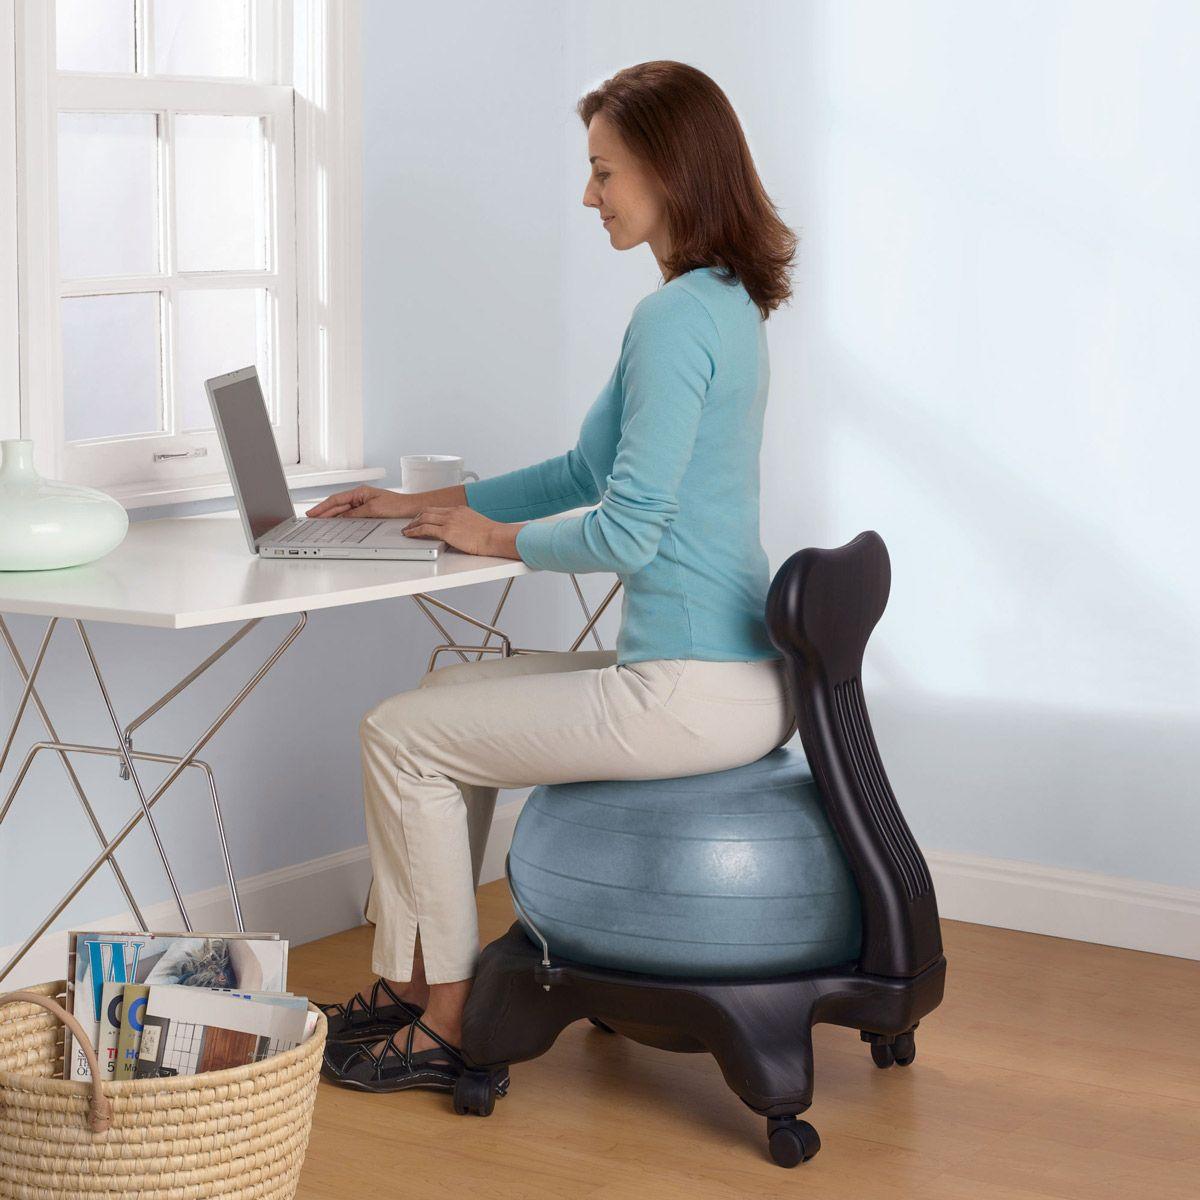 I Want One Gaiam Balance Ball Chair Ball Chair Balance Ball Chair Ergonomic Chair